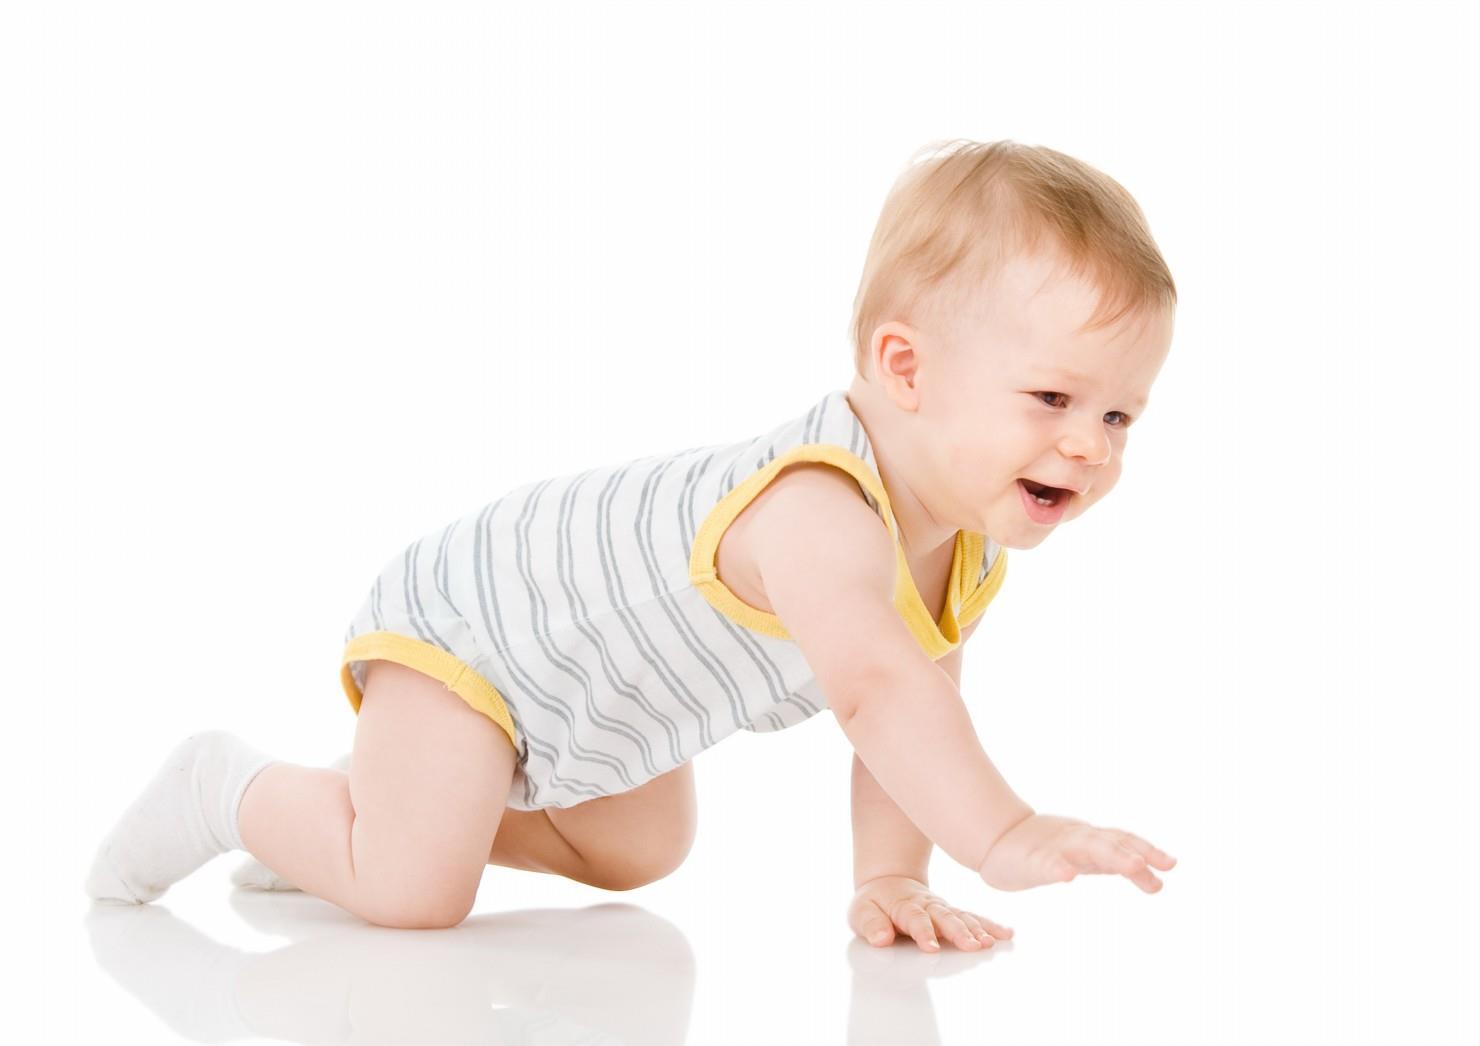 کند شدن روند پیری با روزه داری/ دستگاهی  که با آن پشت دیوار را میتوان دید/ کدام نوزادان زودتر چهار دست و پا می روند؟